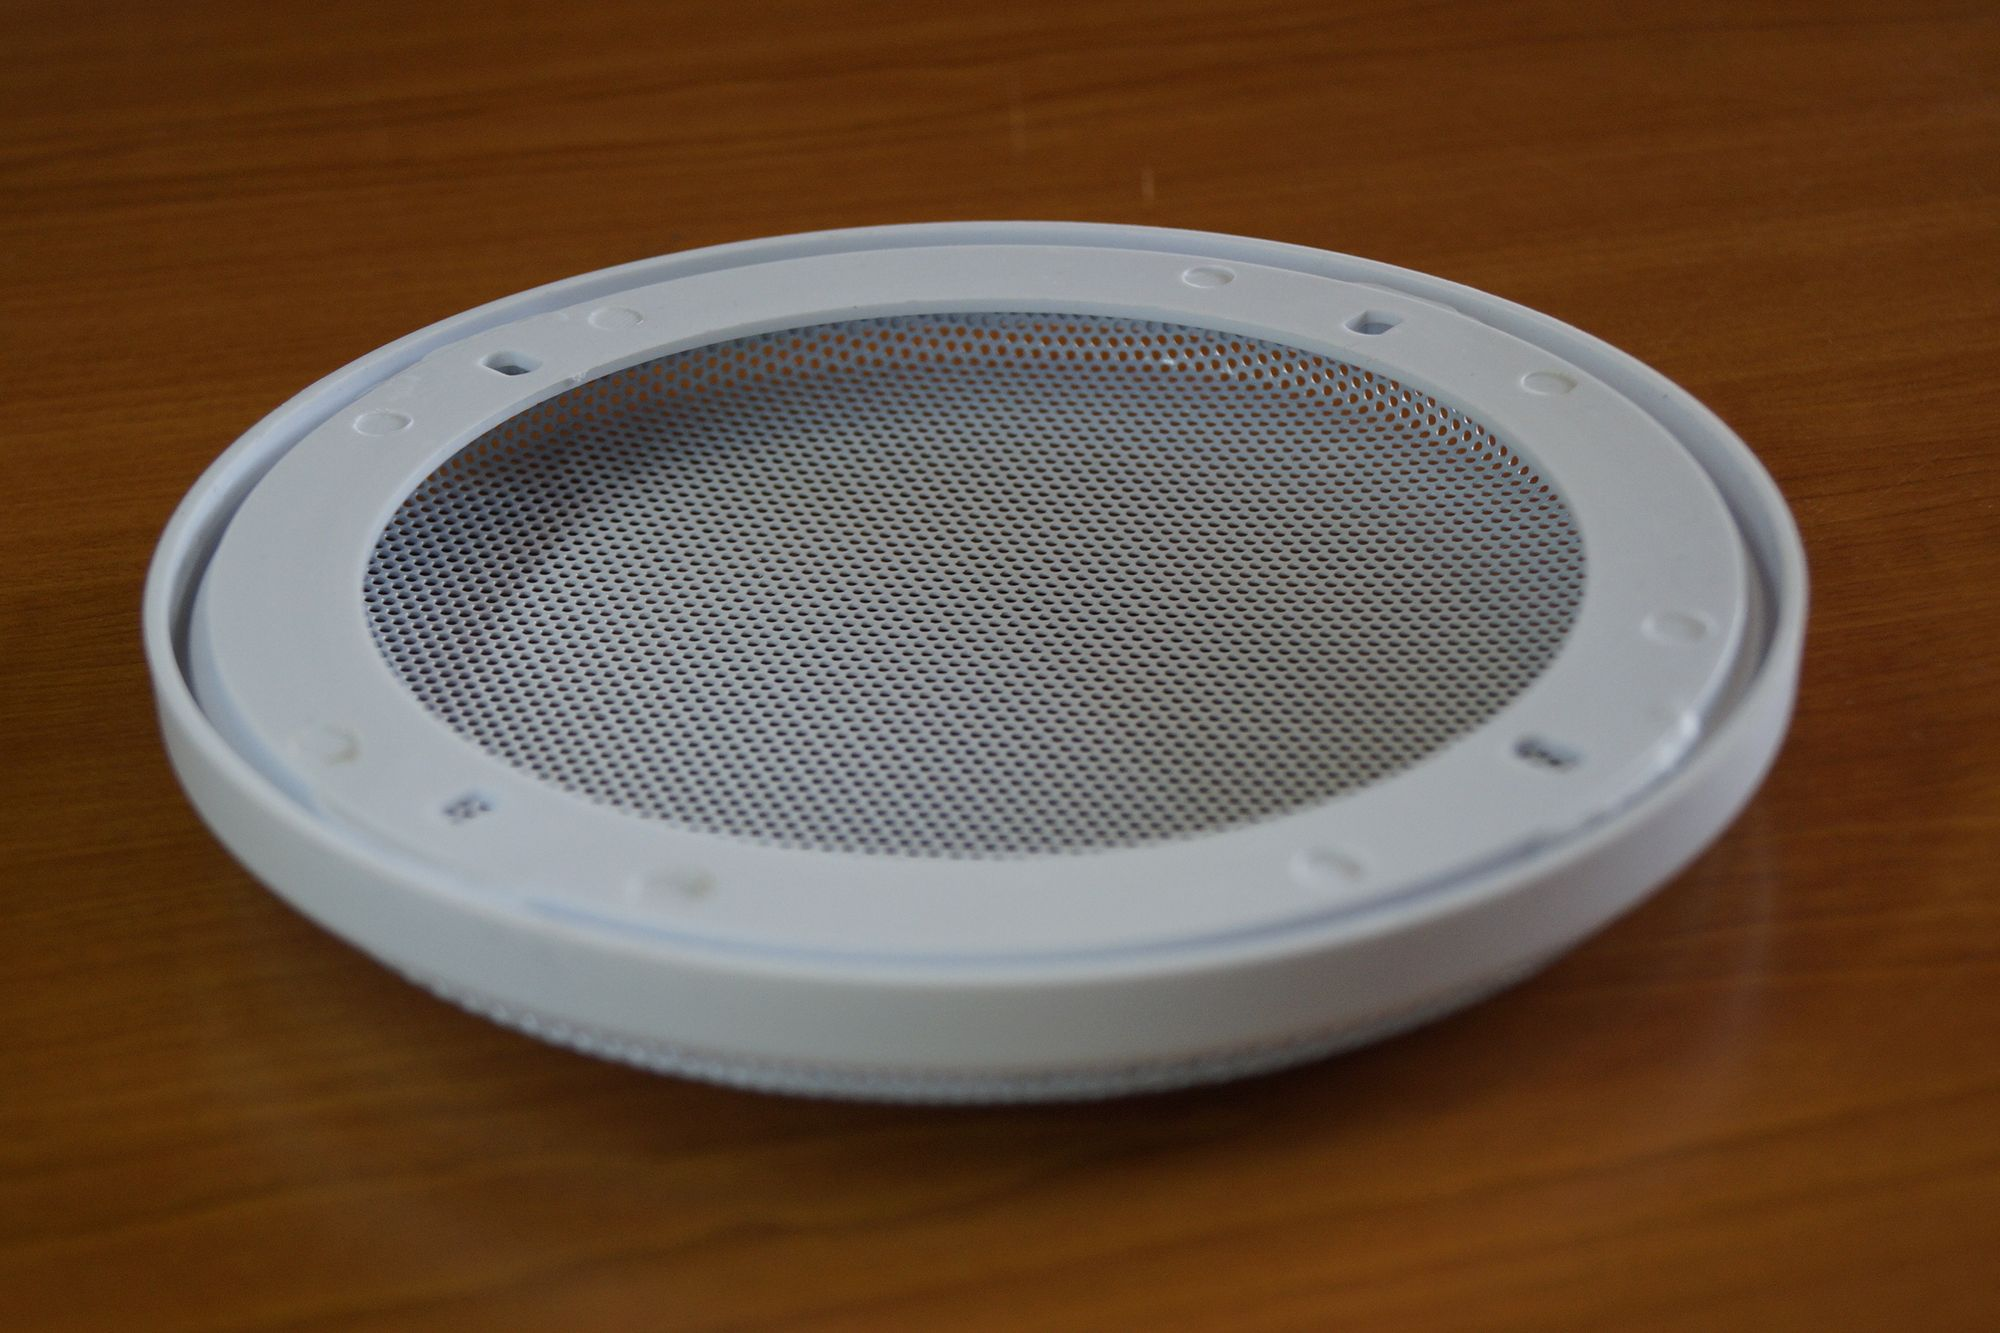 1 Paar DIN-160 Lautsprecher-Universalabdeckung Abdeckung Gitter weiß  – Bild 4